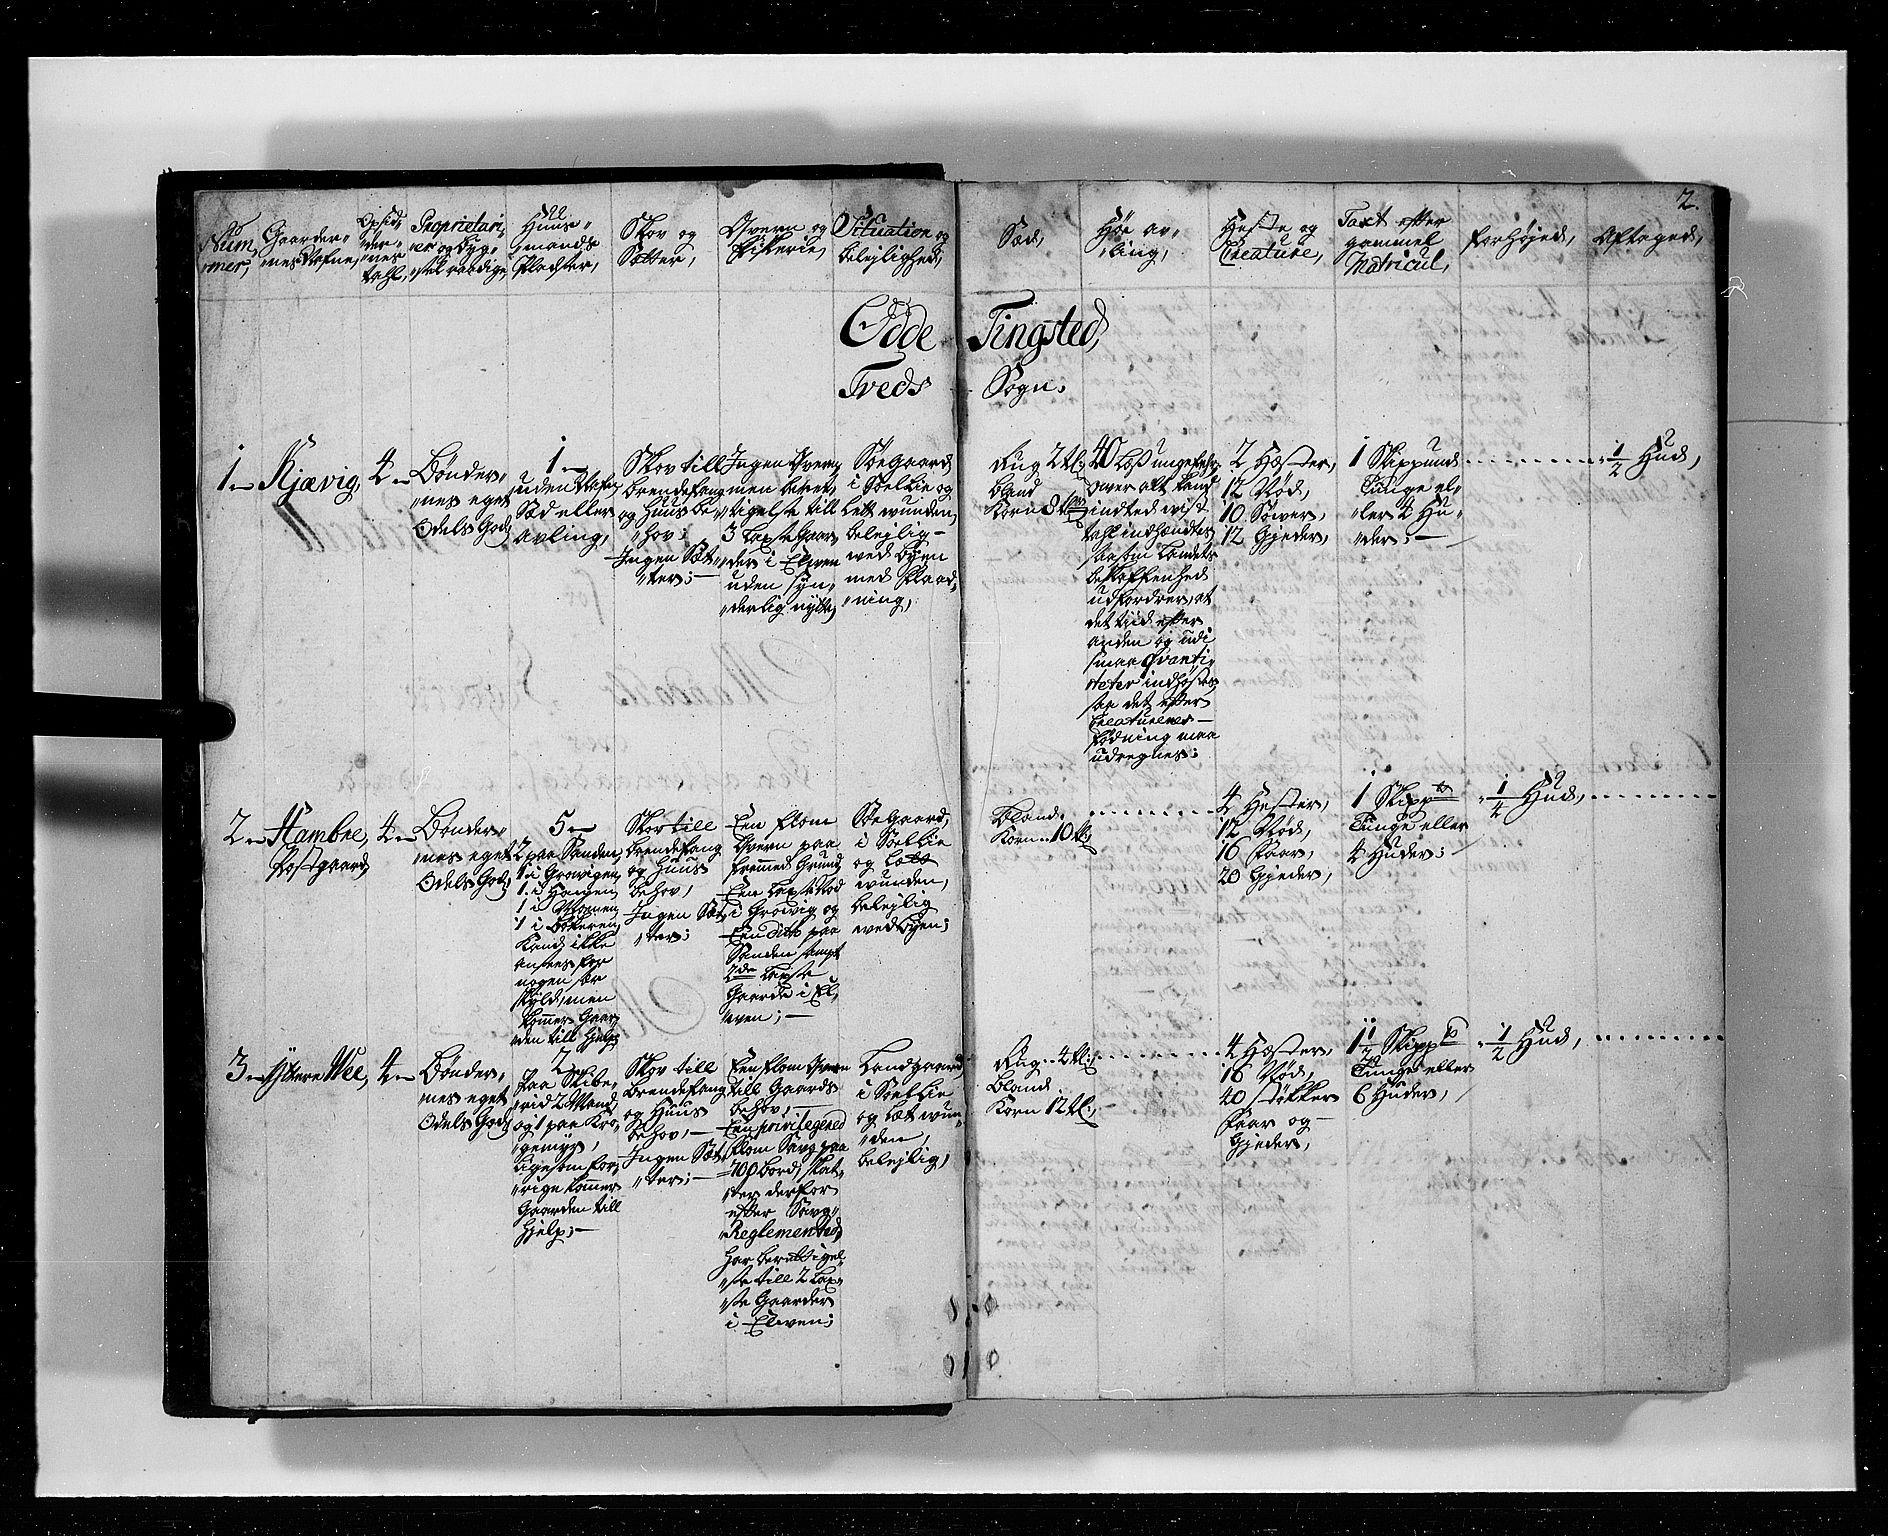 RA, Rentekammeret inntil 1814, Realistisk ordnet avdeling, N/Nb/Nbf/L0127: Mandal eksaminasjonsprotokoll, 1723, s. 1b-2a